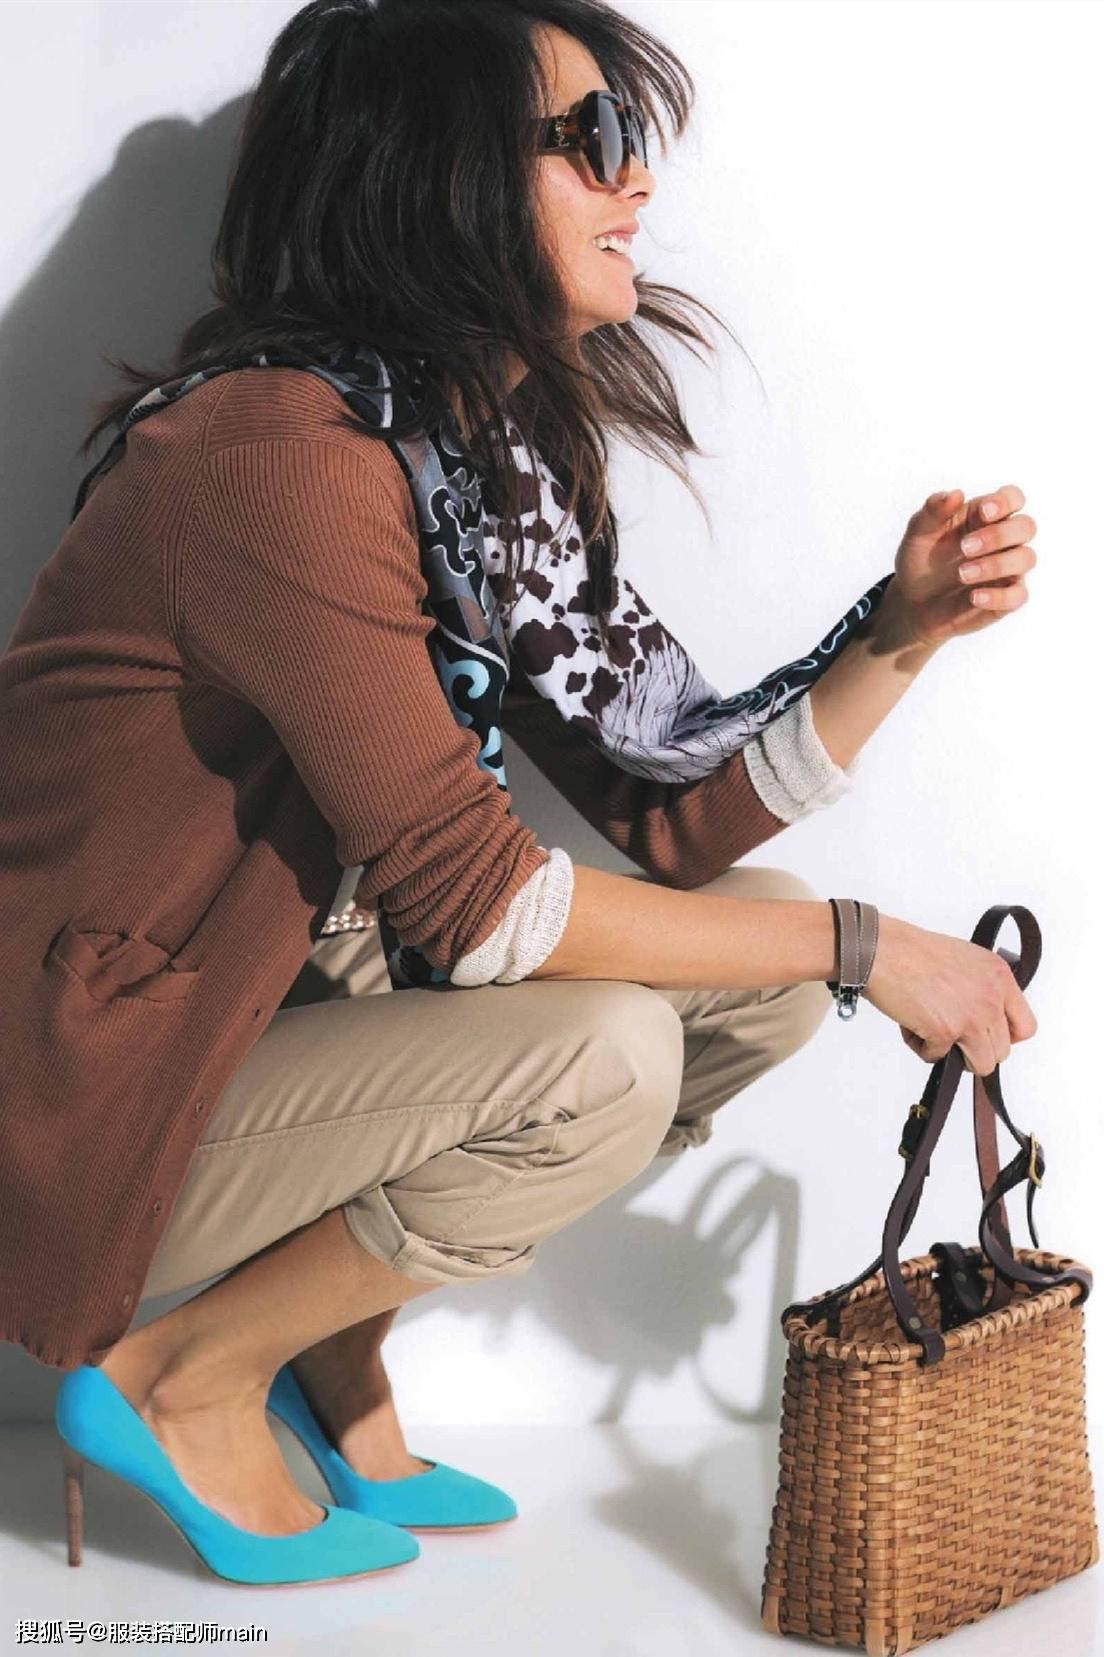 菊池京子真是中年女性时尚标杆,简约基础款穿出高雅气质